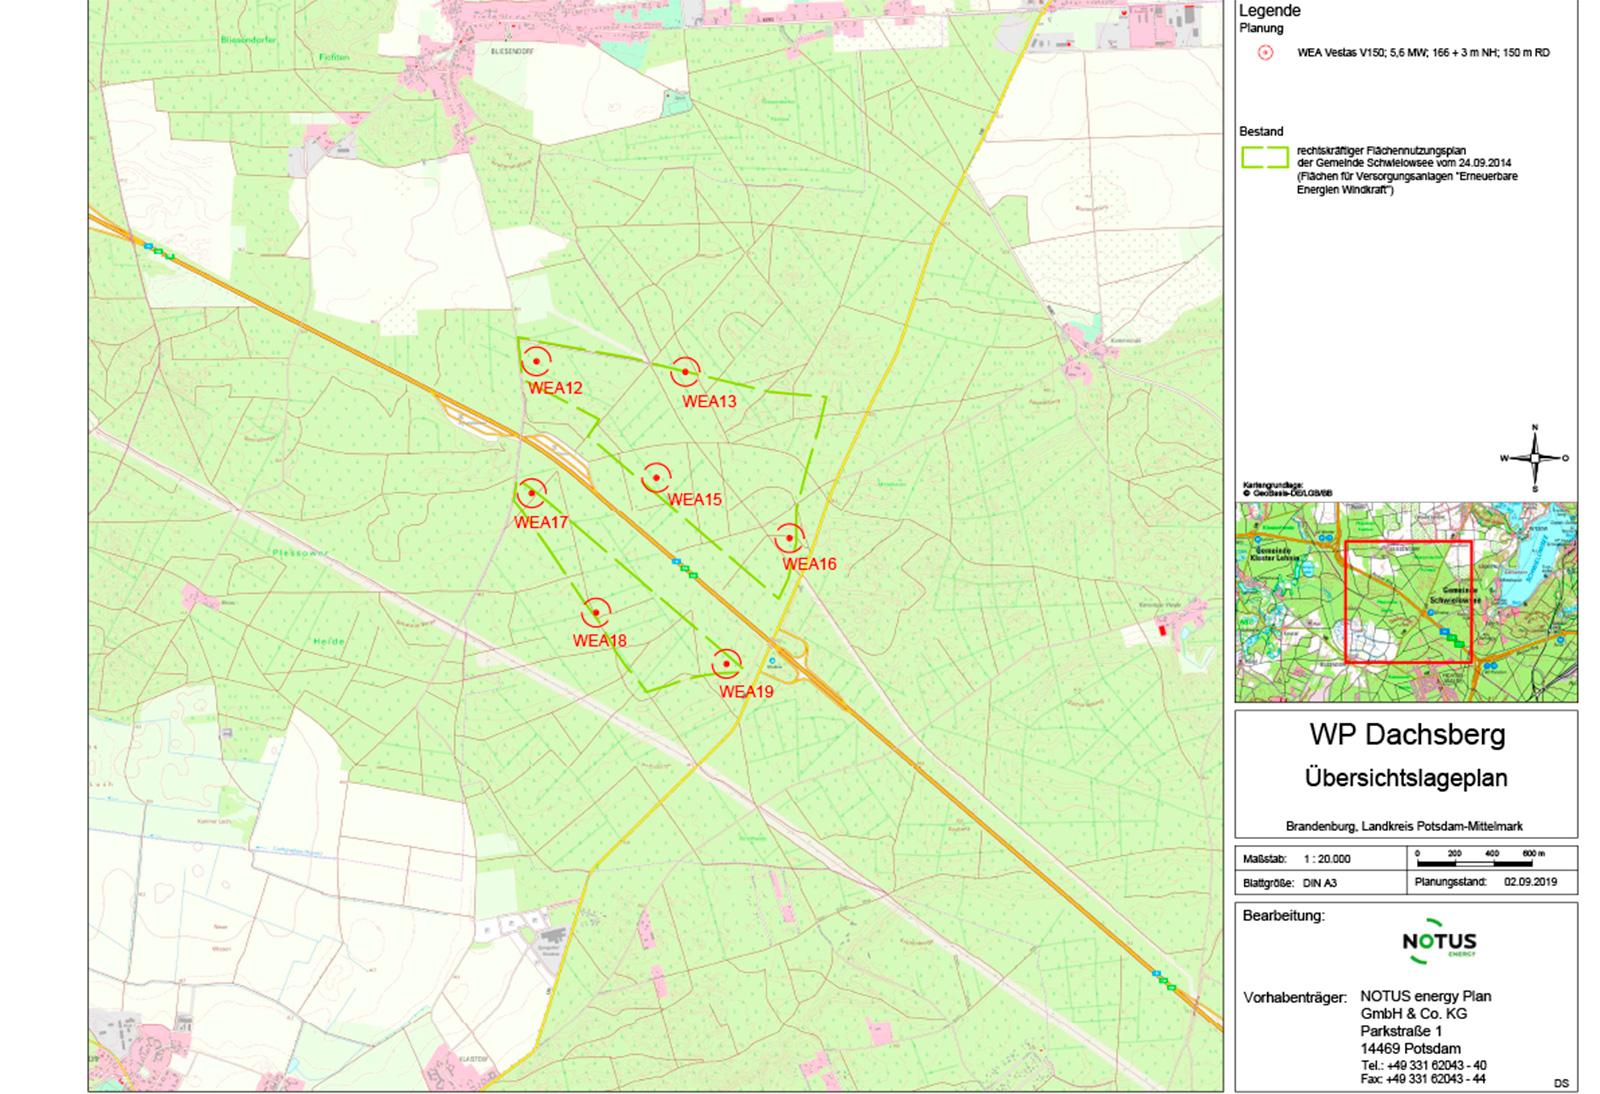 Übersichtslageplan WP Dachsberg 7 Anlagen